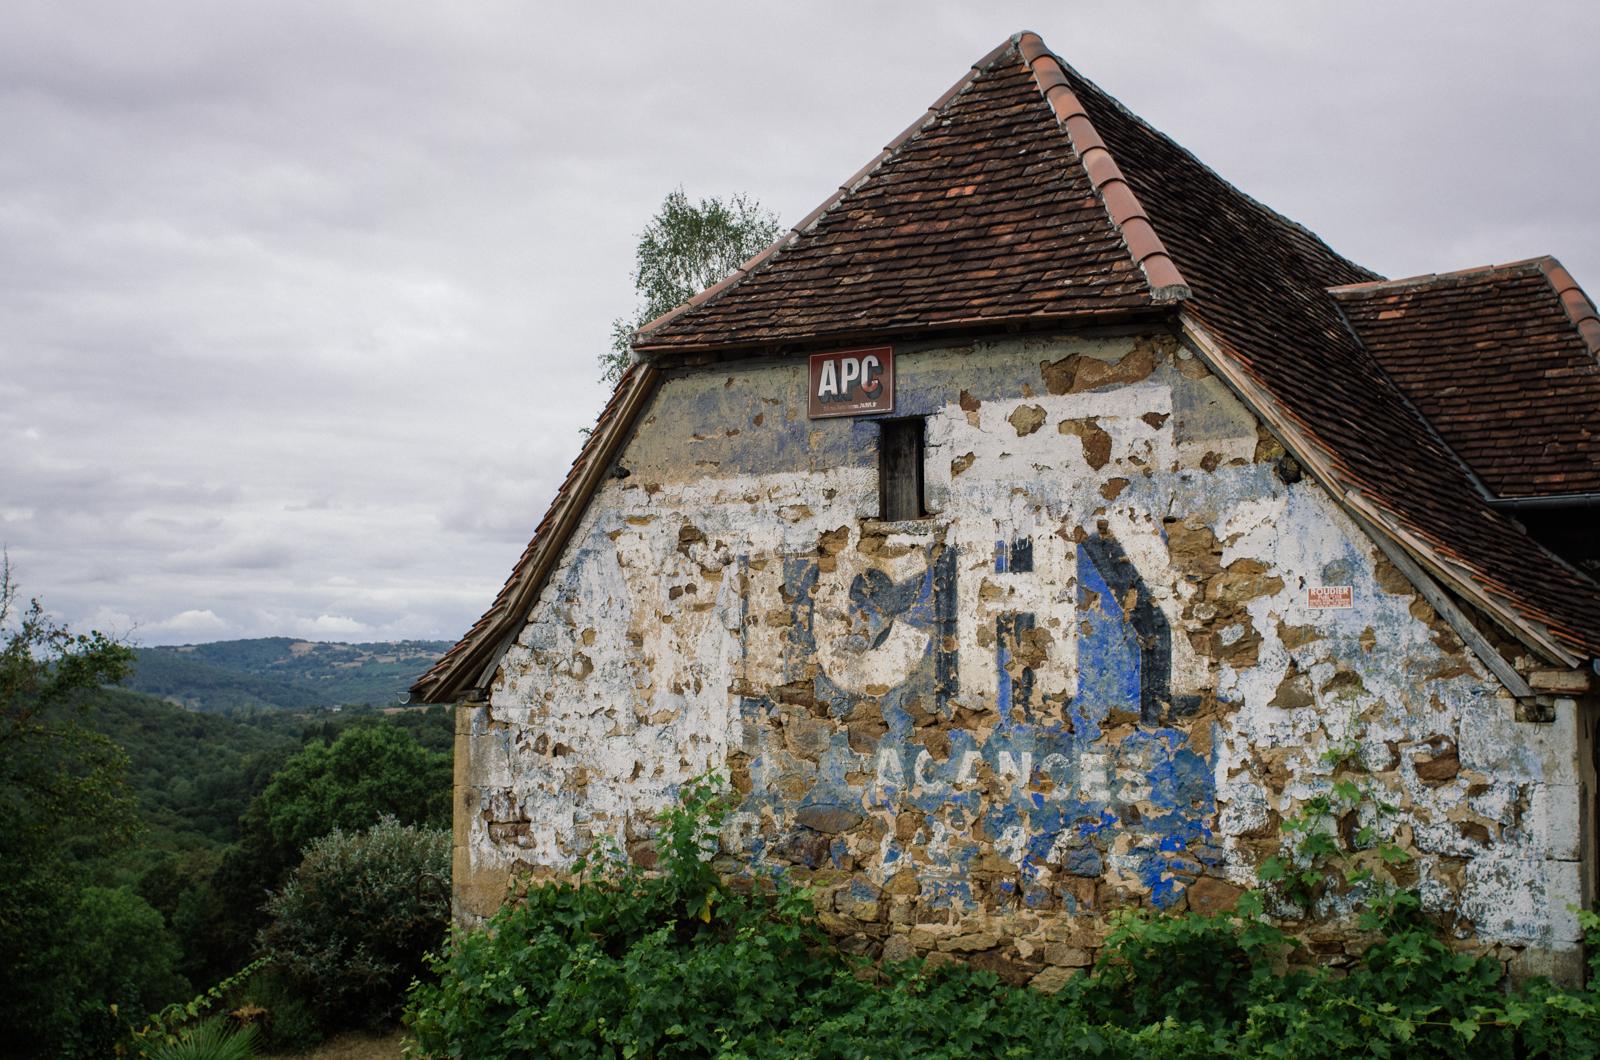 Le battement d'ailes - écotourisme en Corrèze